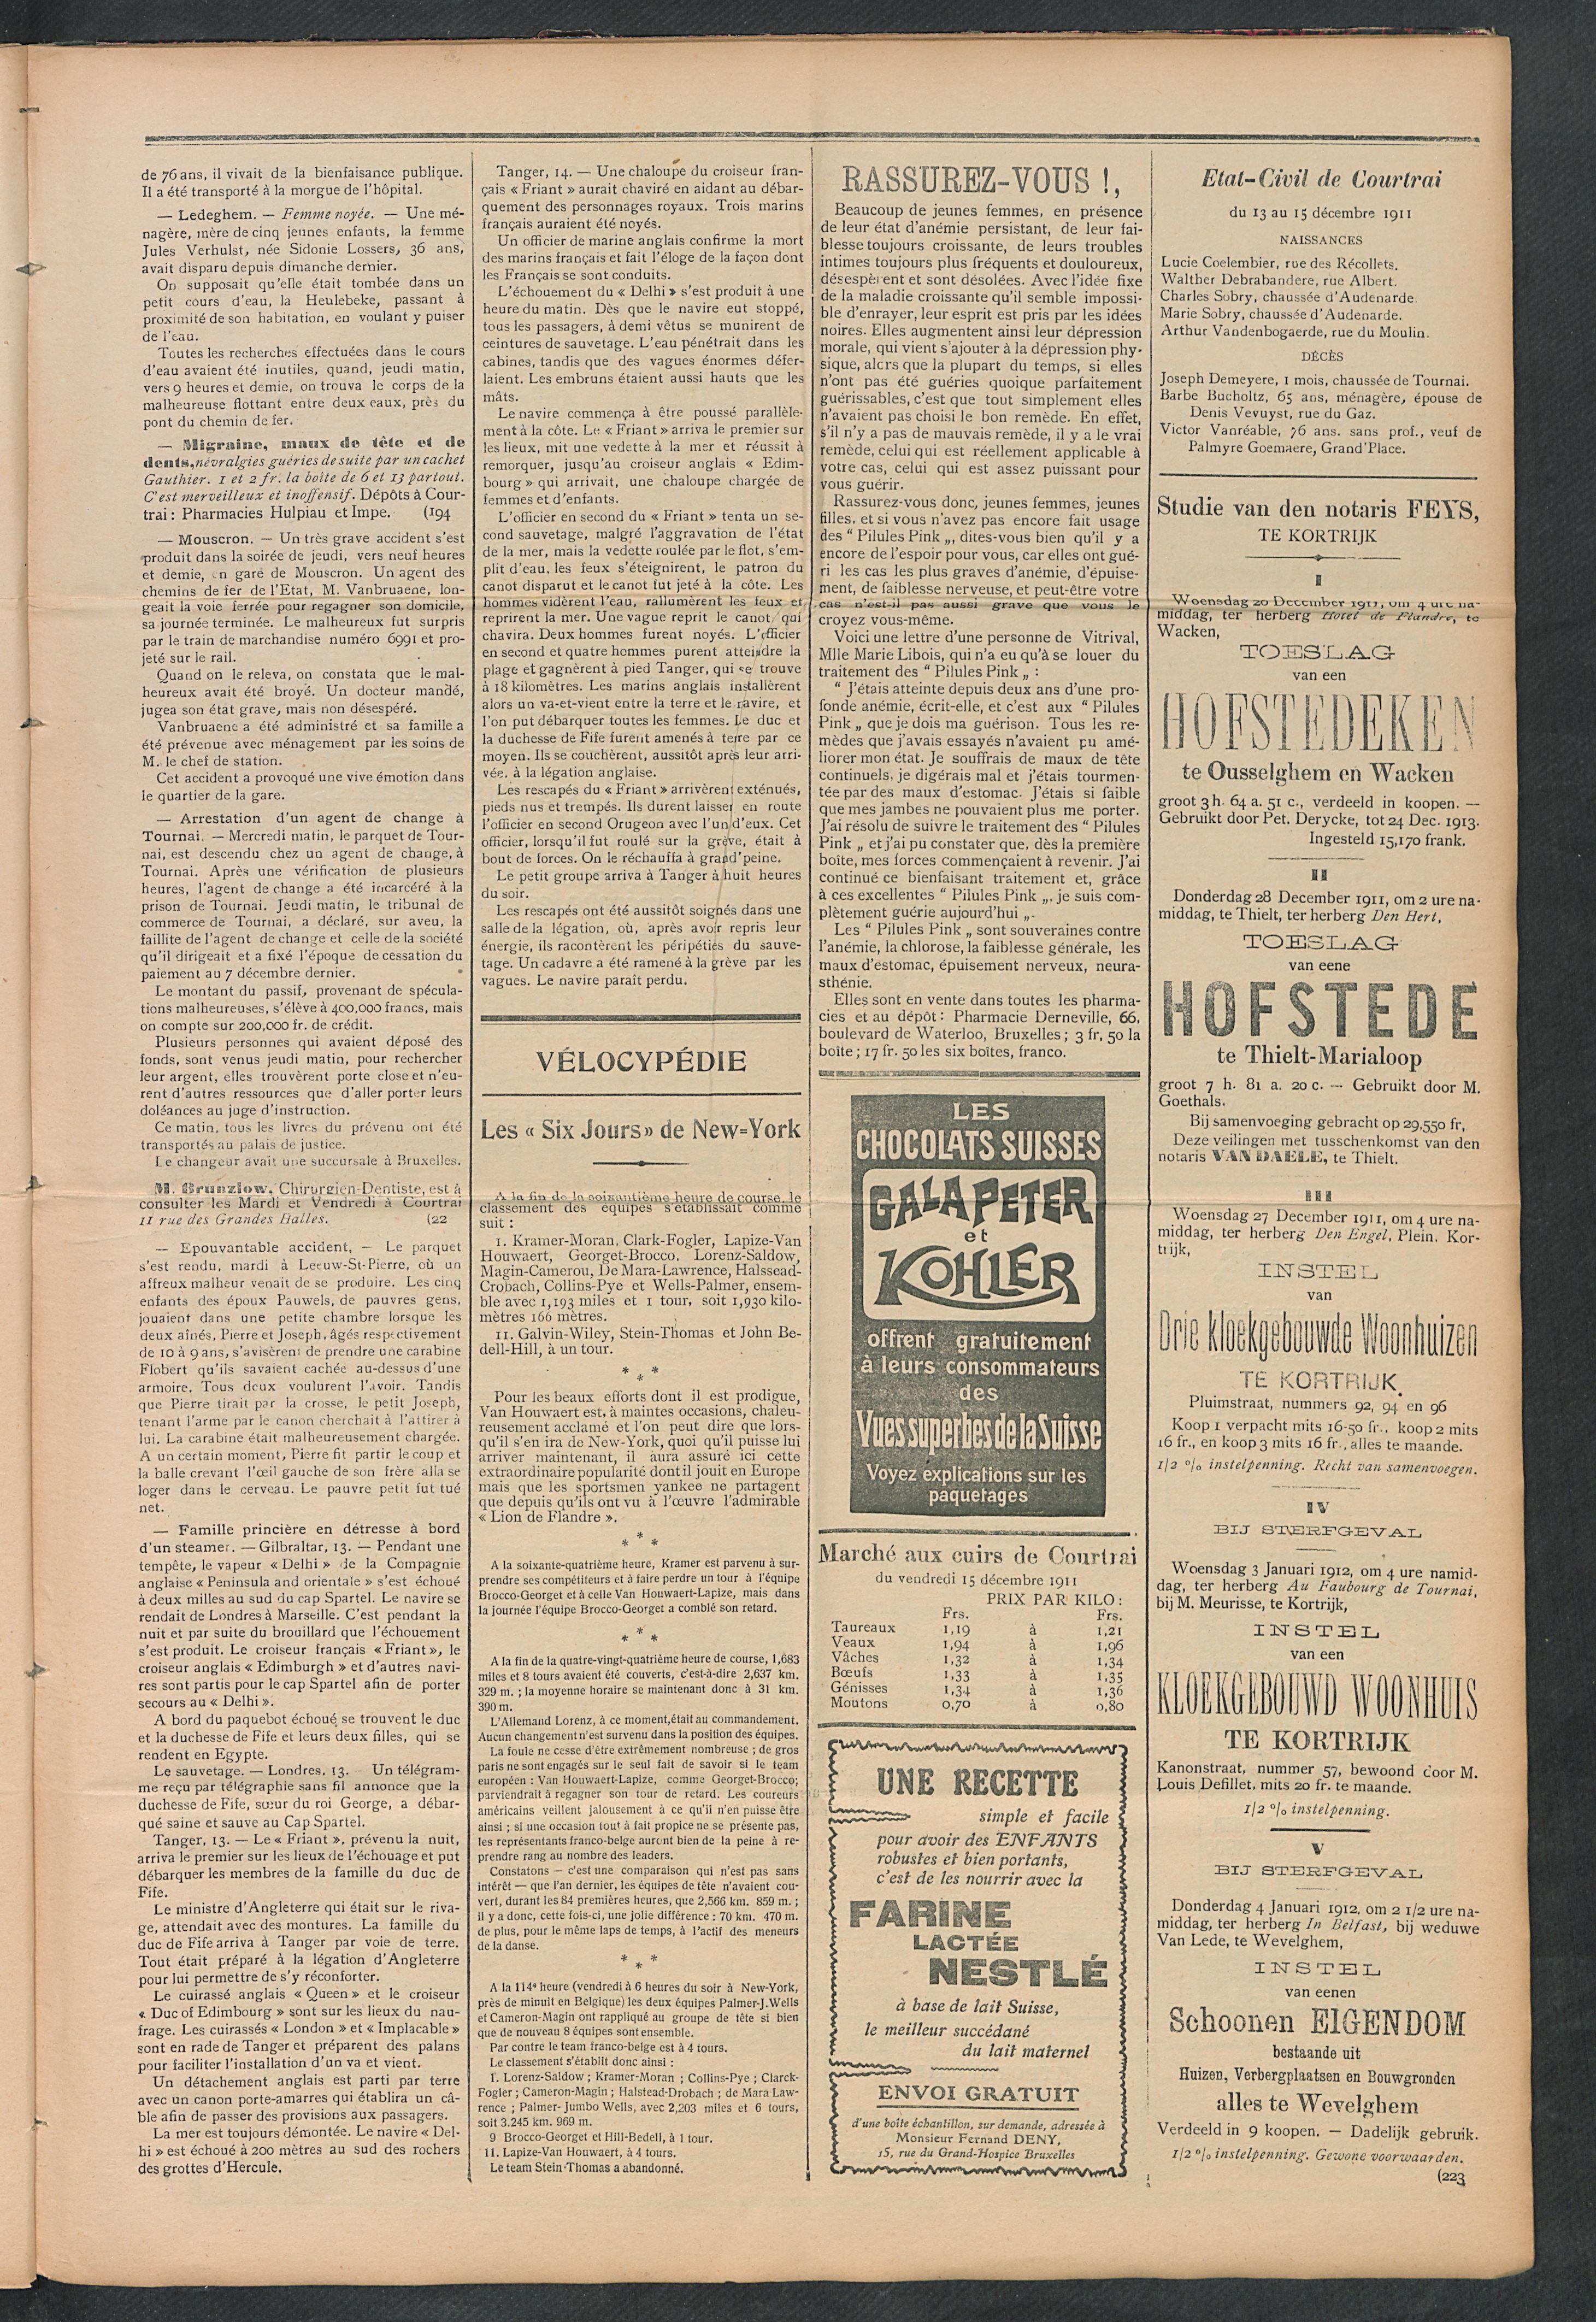 L'echo De Courtrai 1911-12-17 p3